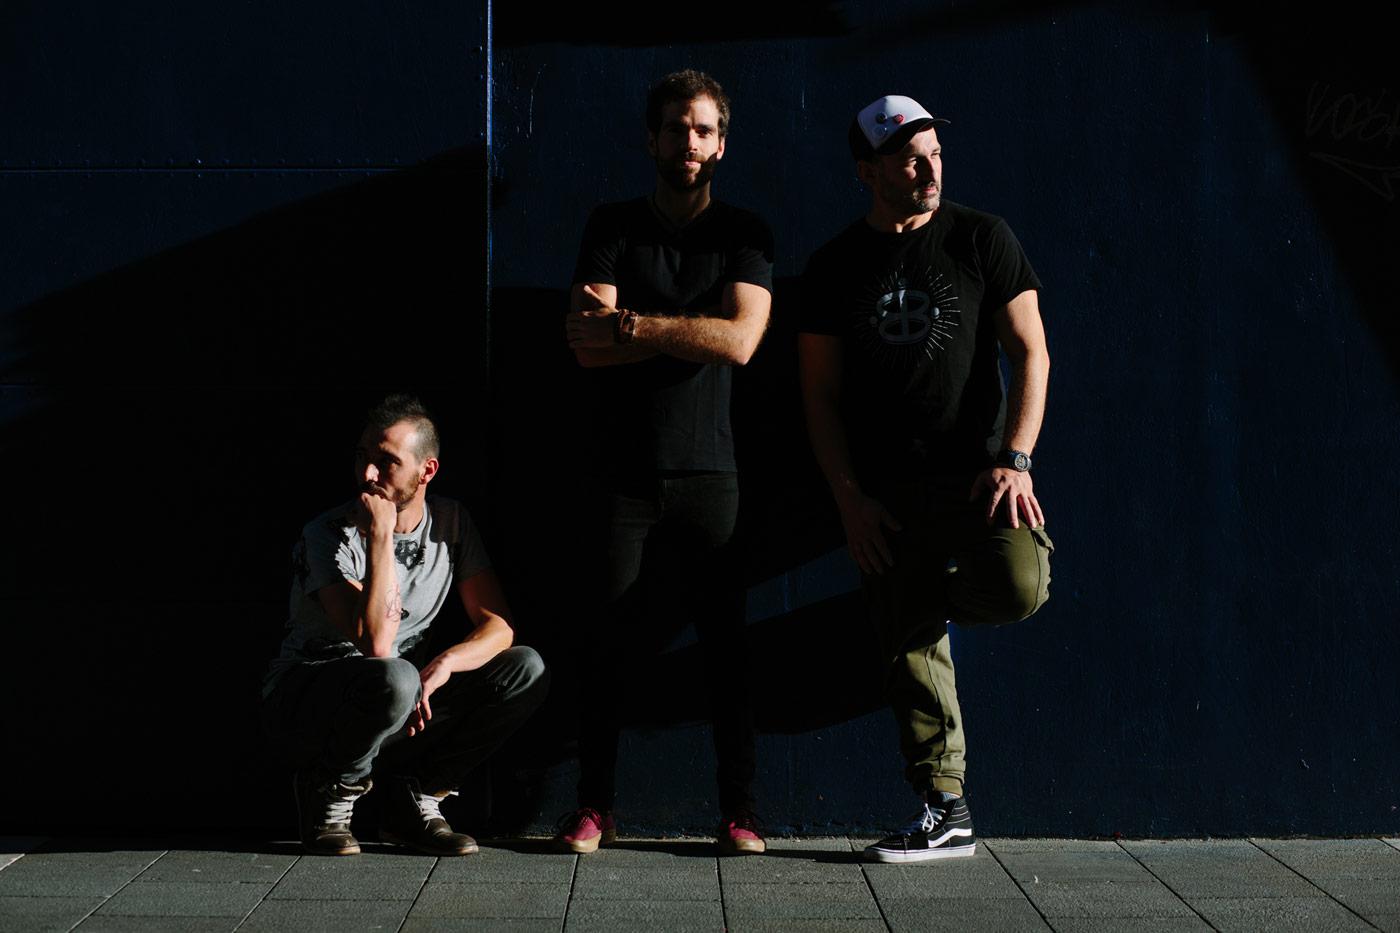 """Virenque nos presentan un avance de su nuevo álbum """"Usura"""""""